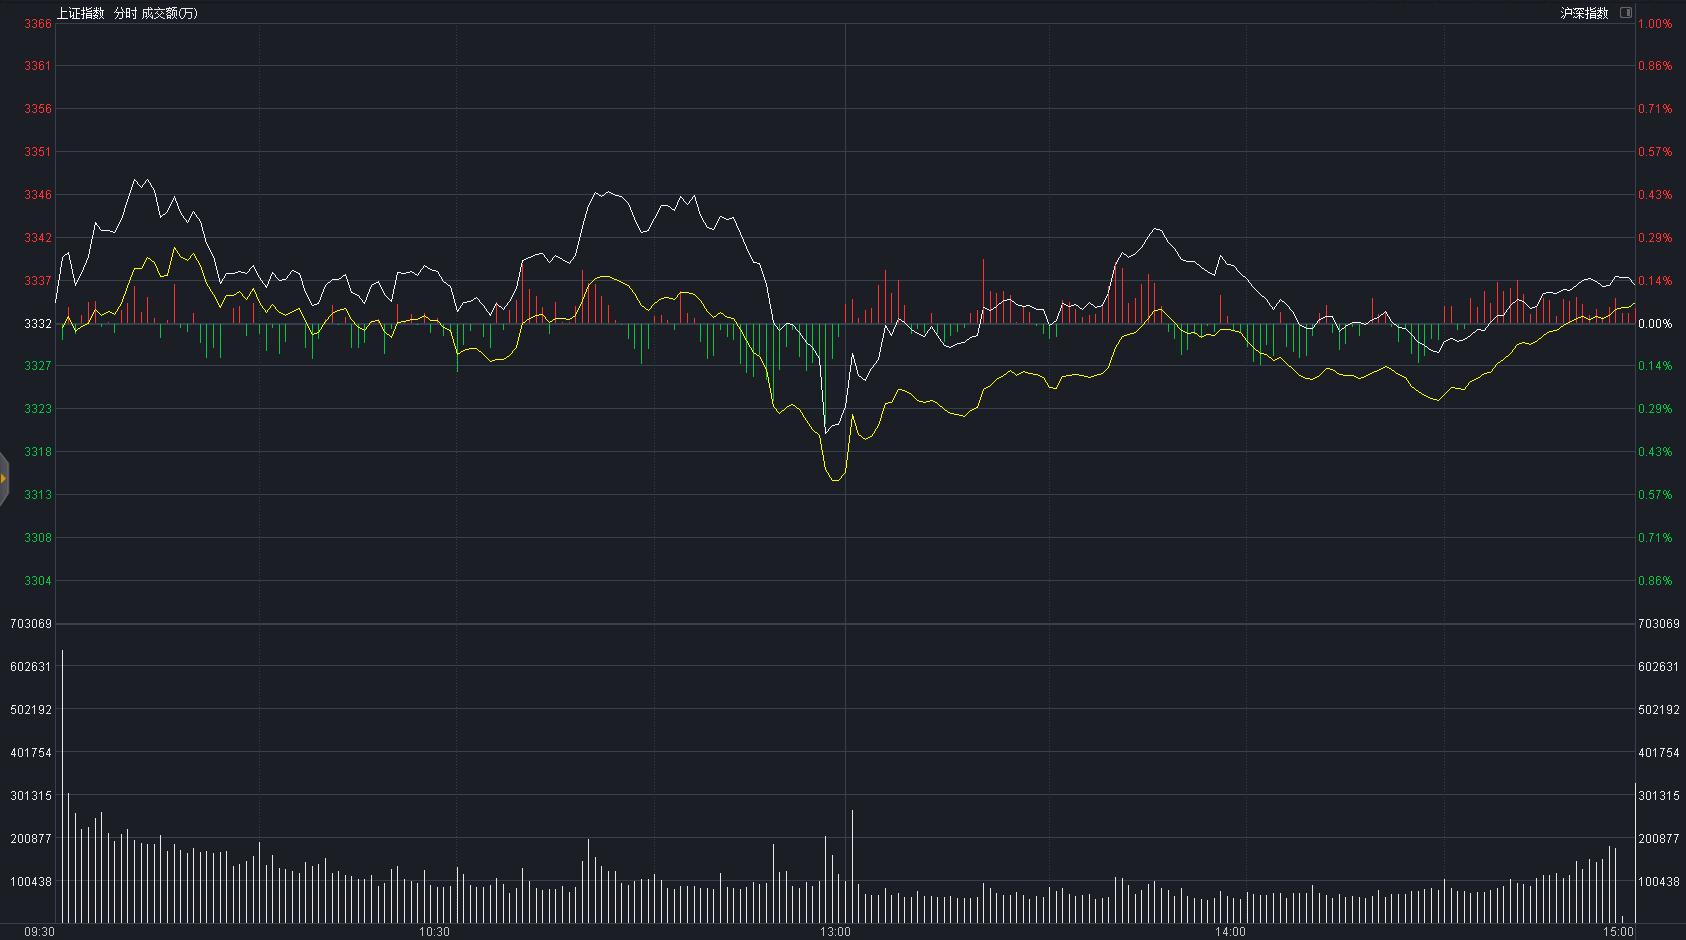 """科技股继续""""洗盘"""",还有希望吗,下周一A股还会大跌吗?"""